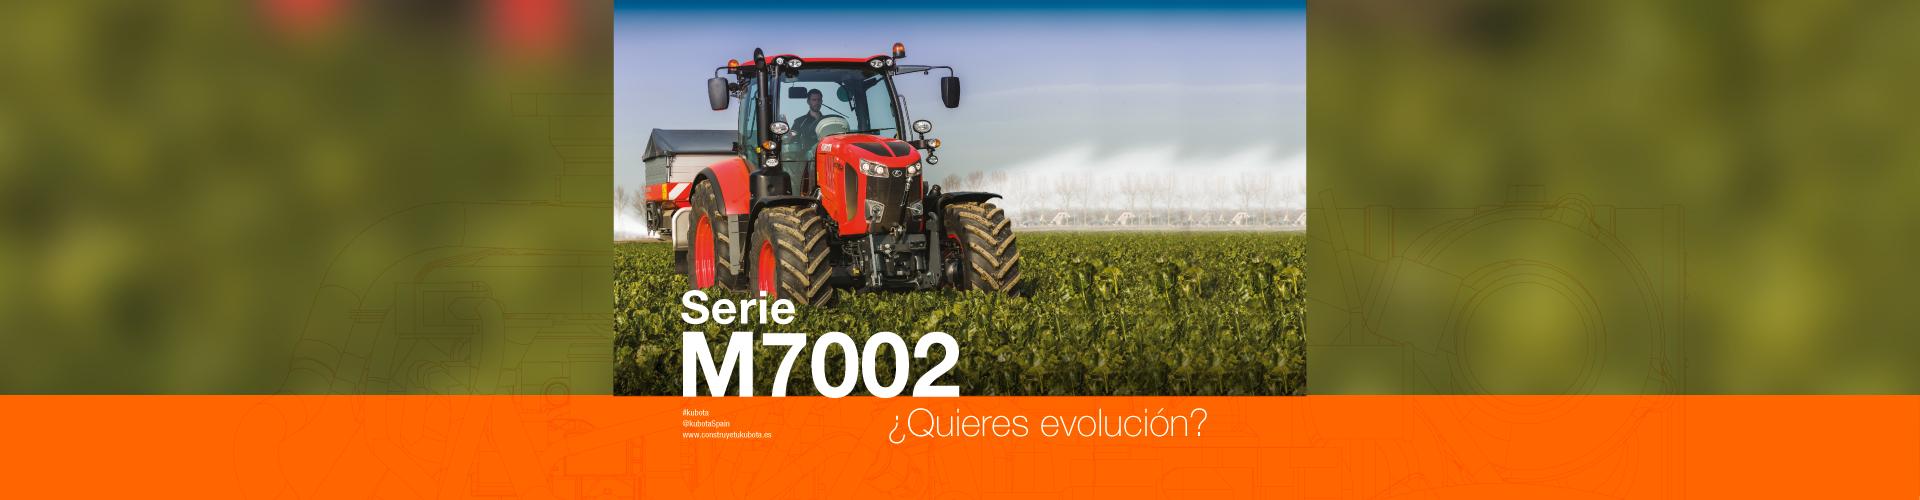 NUEVA SERIE M7002